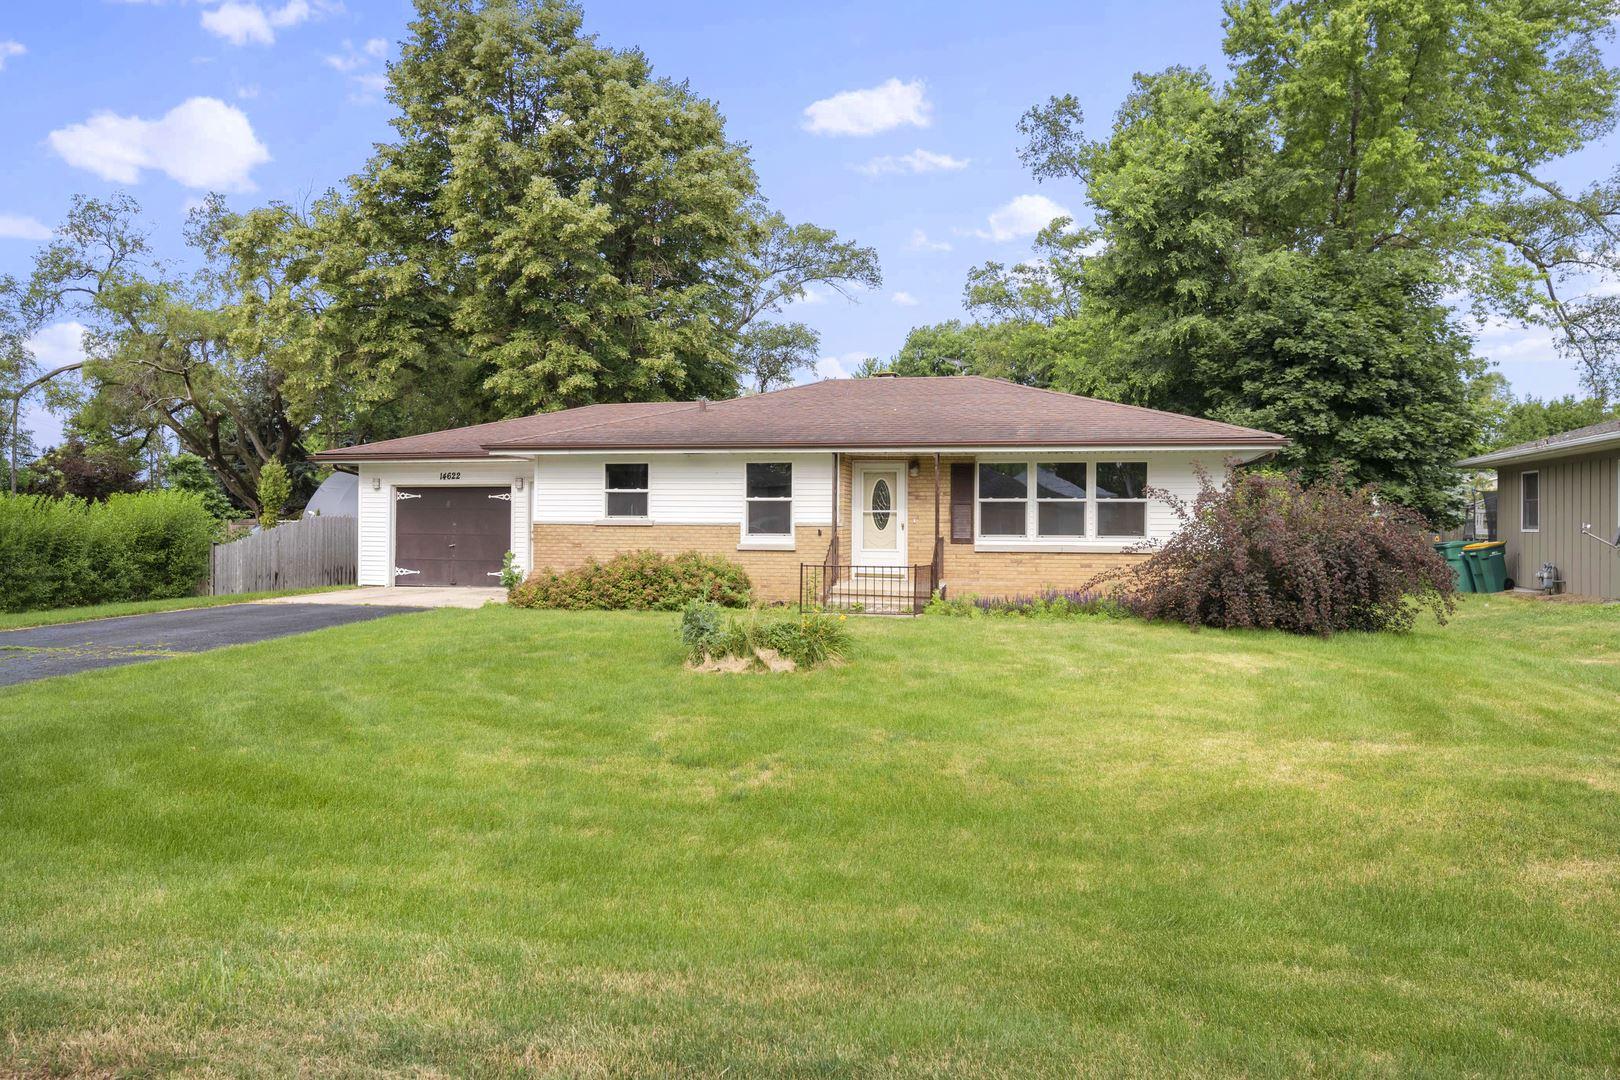 Photo of 14622 S Kearns Drive, Plainfield, IL 60544 (MLS # 11130256)